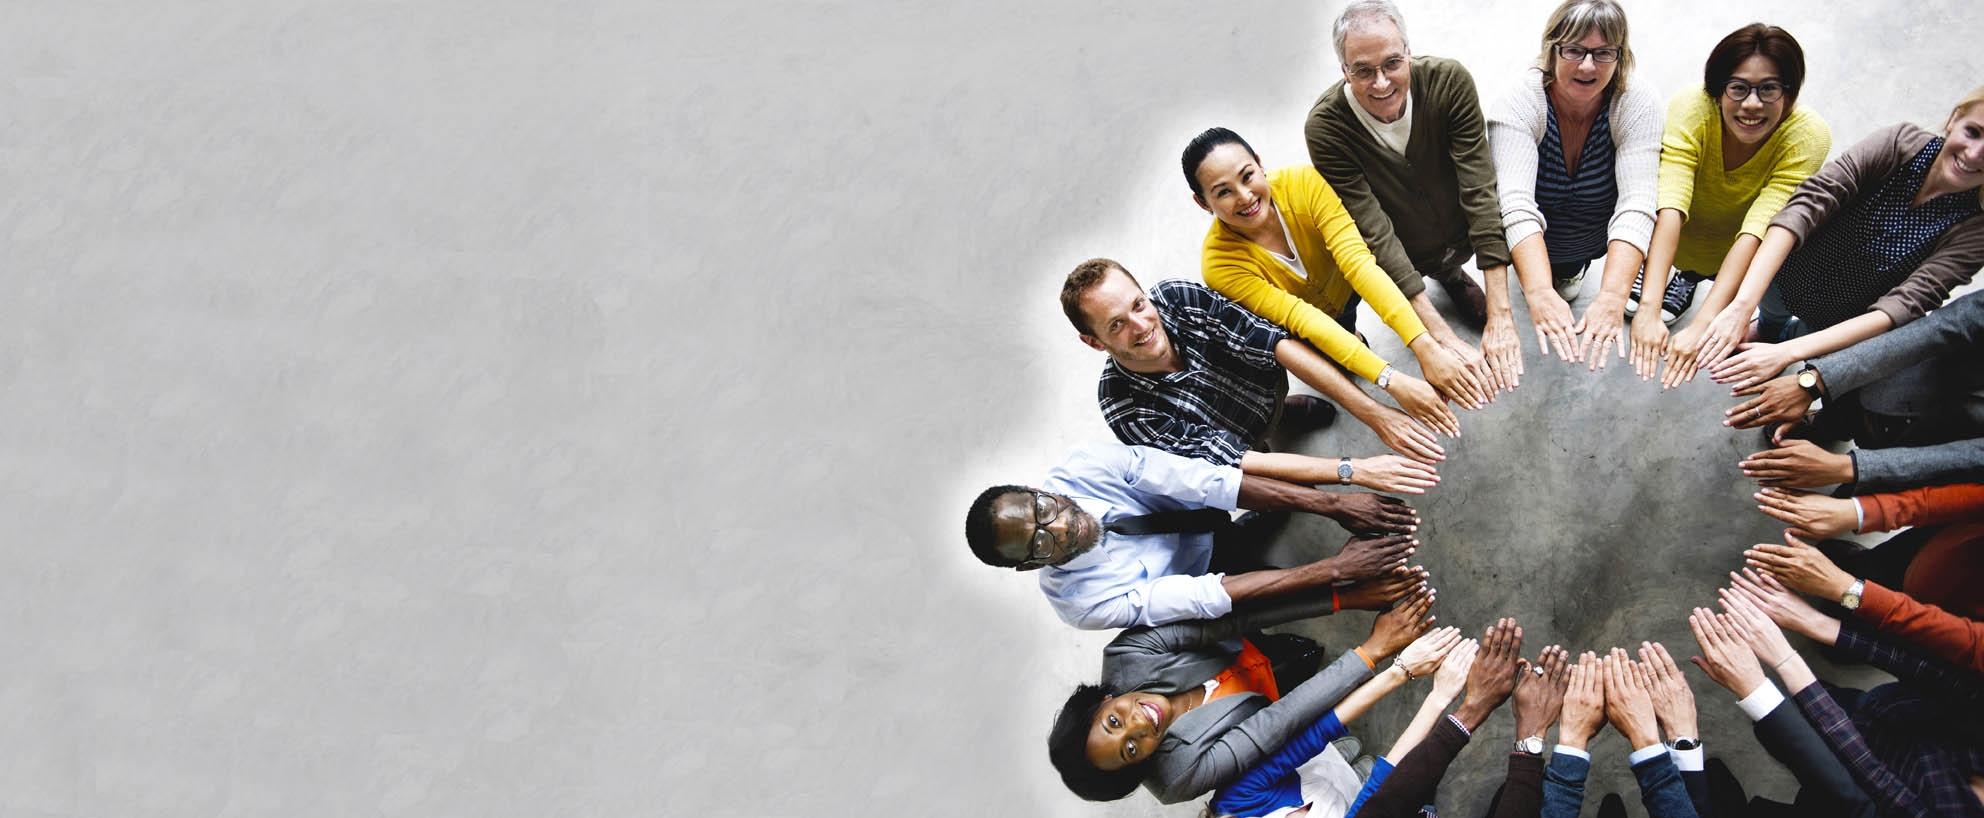 Les 5 raisons d'adhérer à la CFDT Cadre